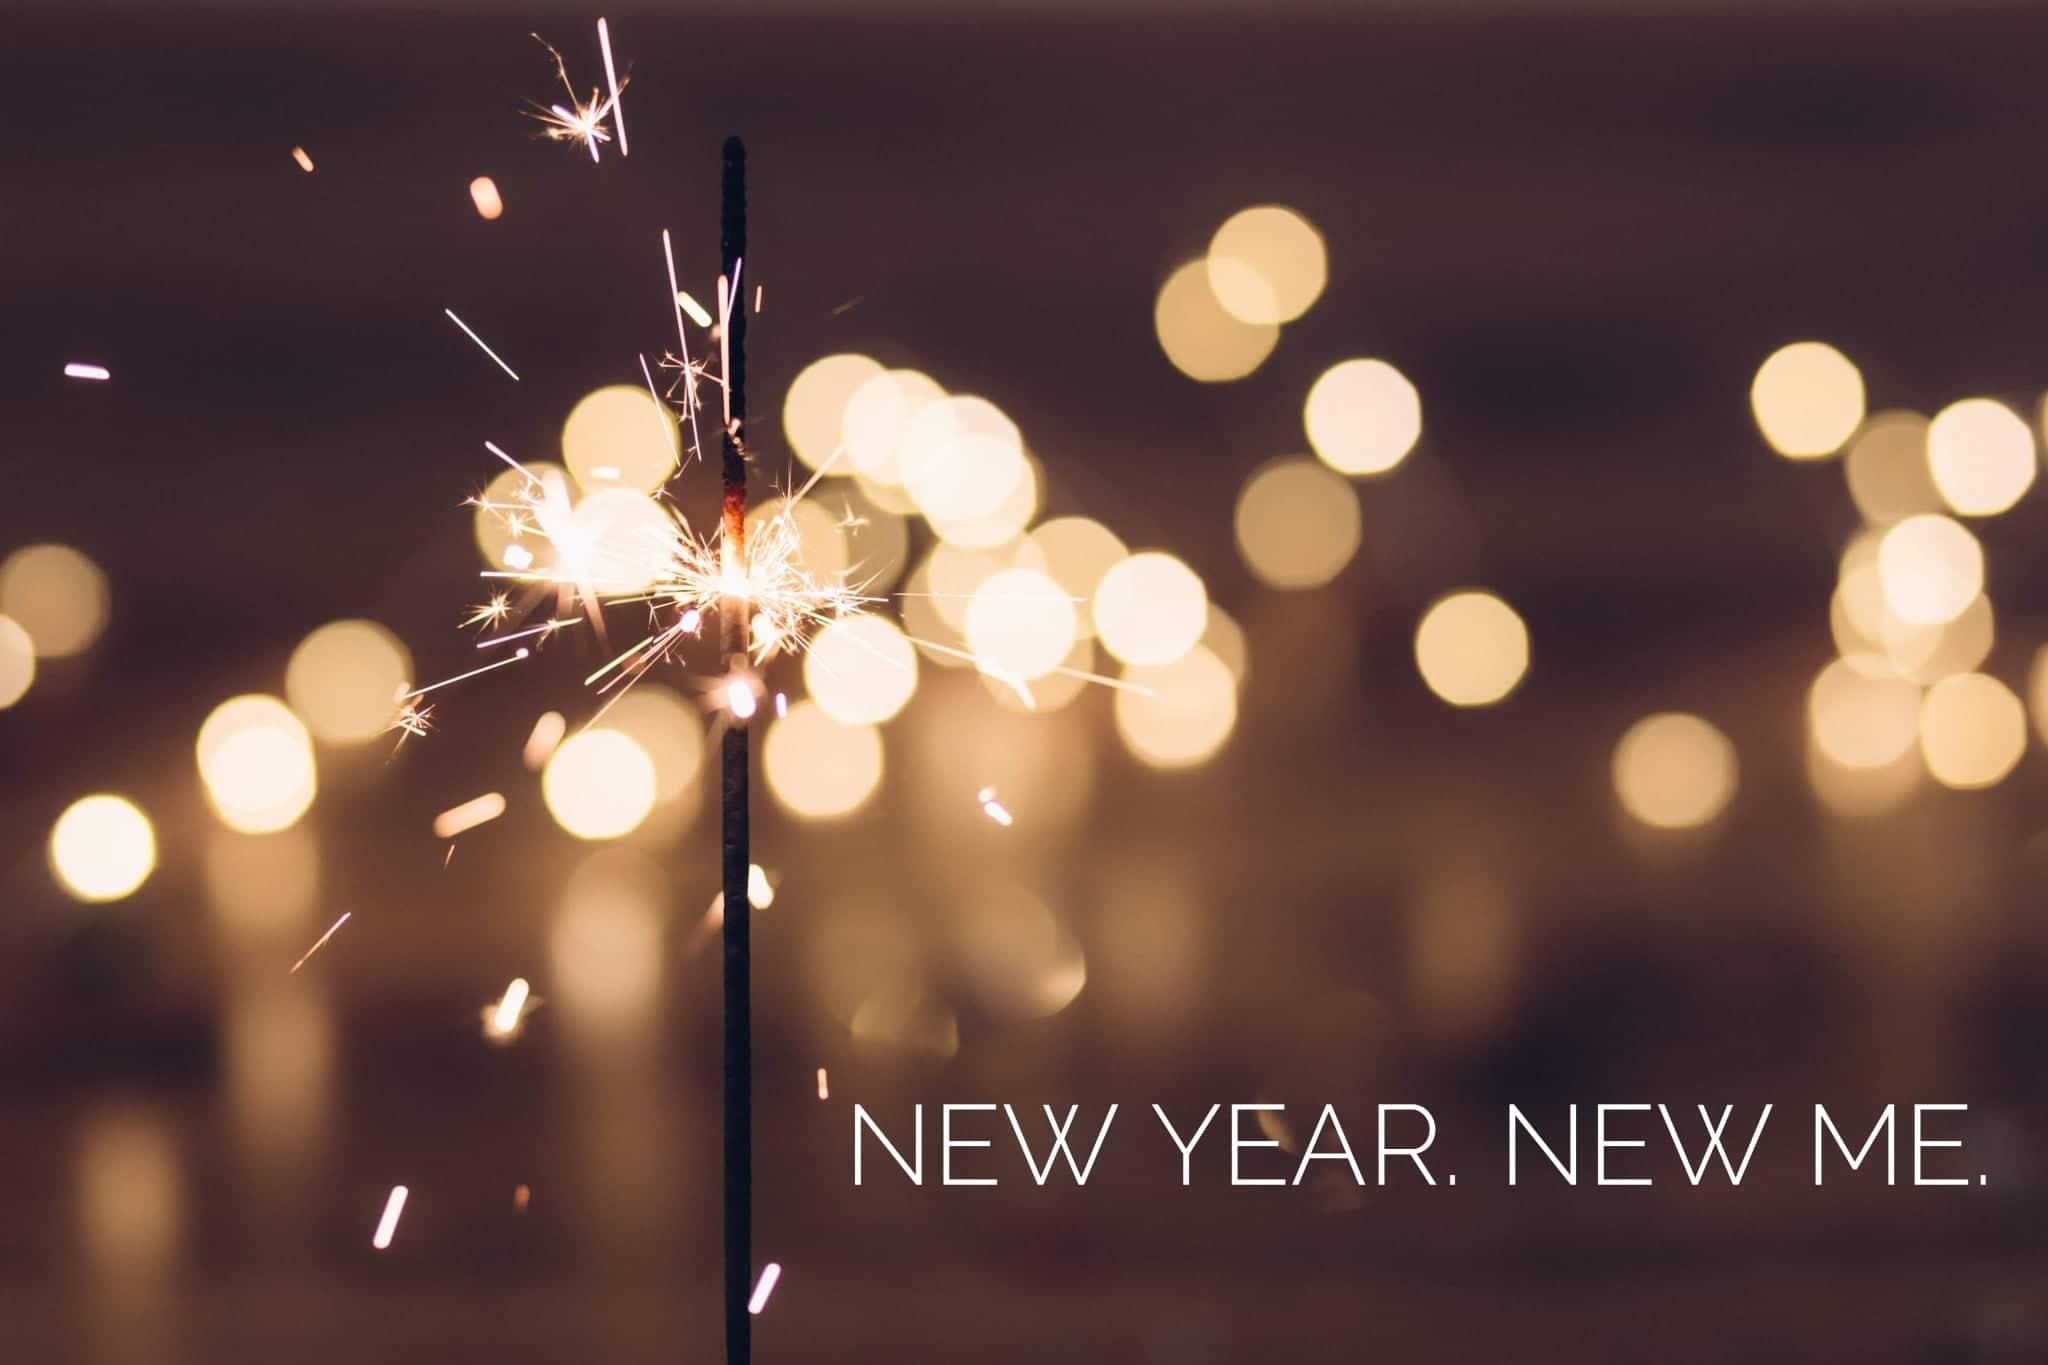 Tipy, jak se připravit na Nový rok